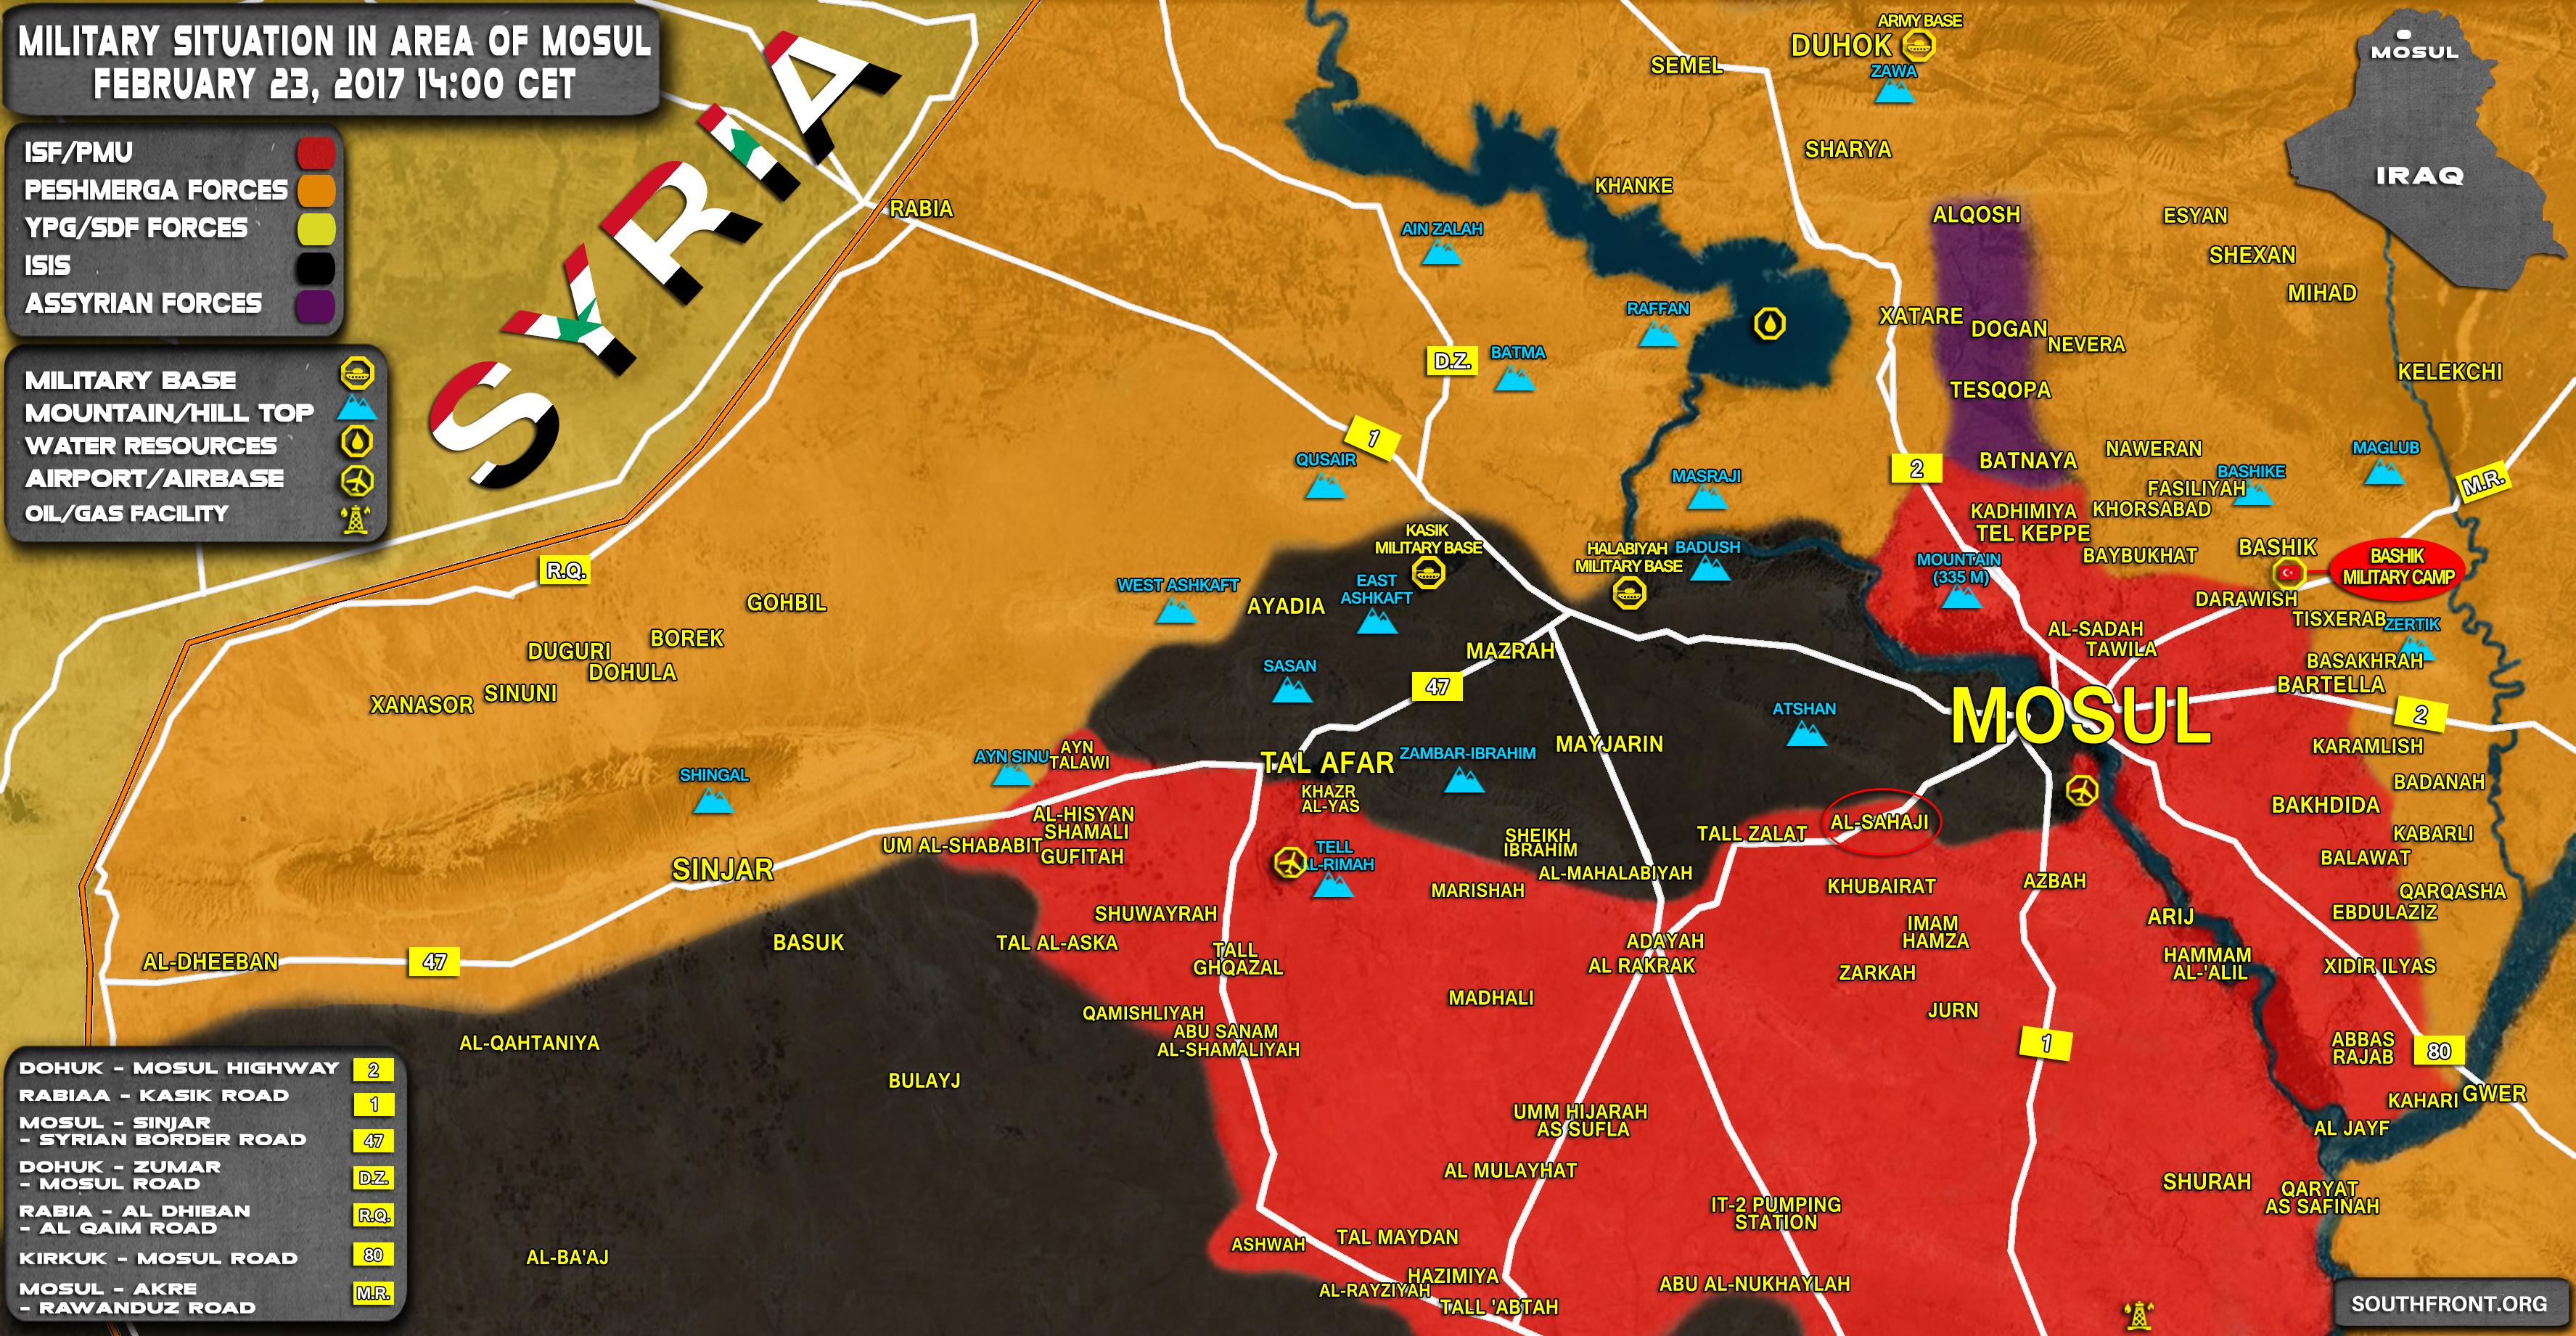 23feb_area-of-mosul_Iraq_war_map